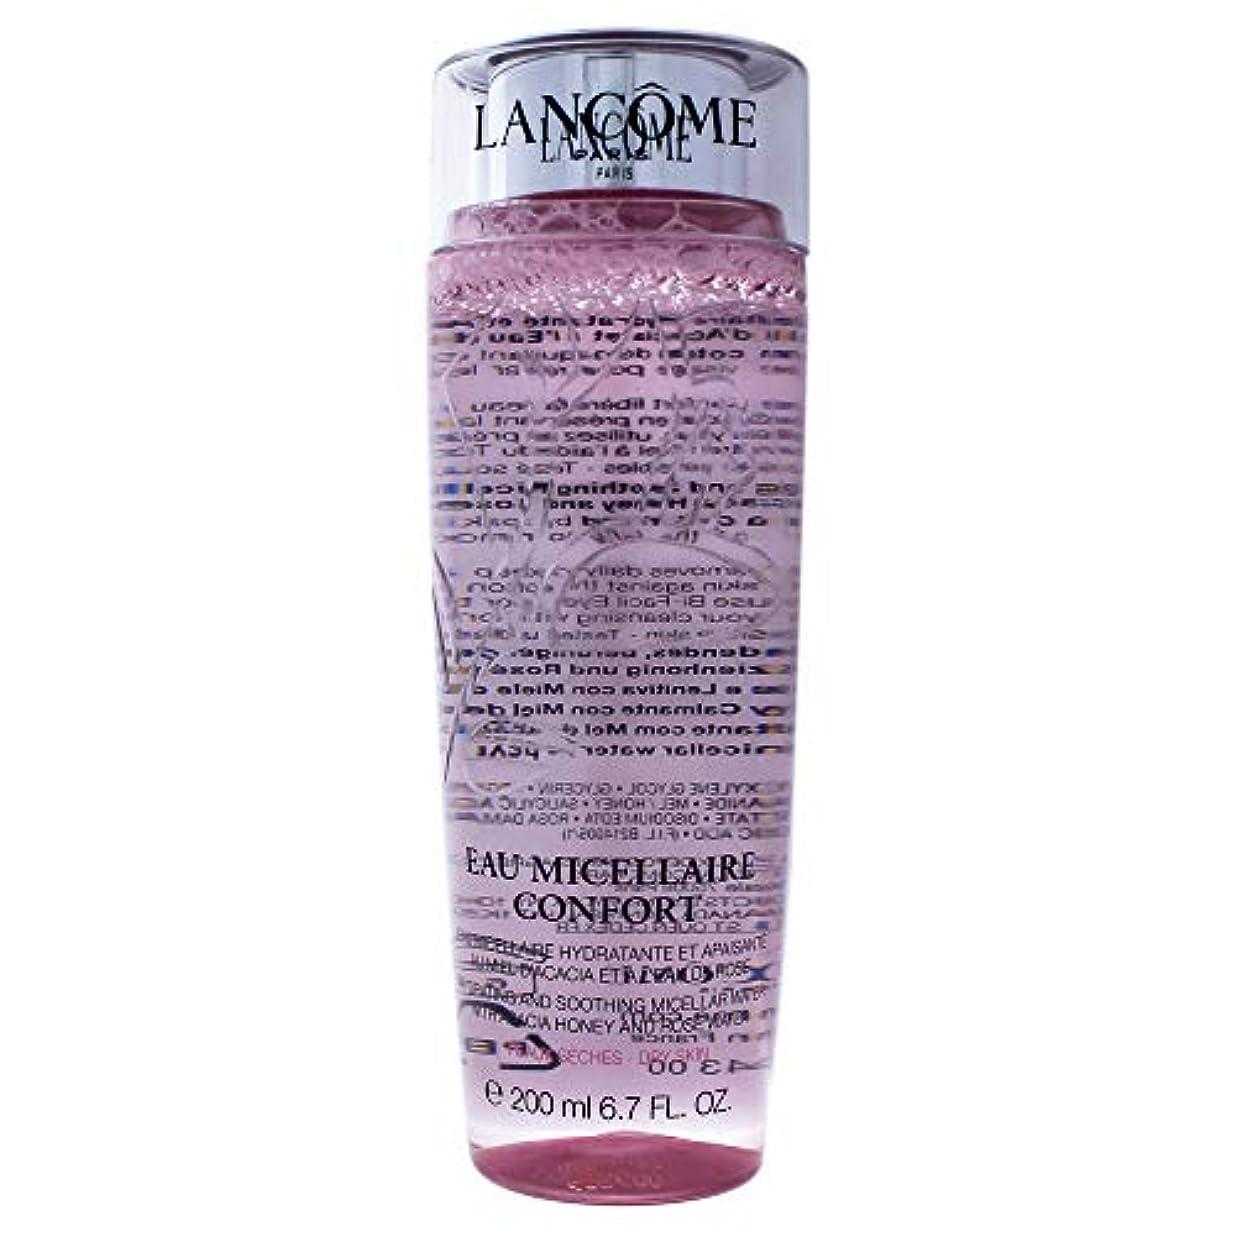 長椅子パトロールビーチランコム Eau Micellaire Confort Hydrating & Soothing Micellar Water - For Dry Skin 200ml/6.7oz並行輸入品